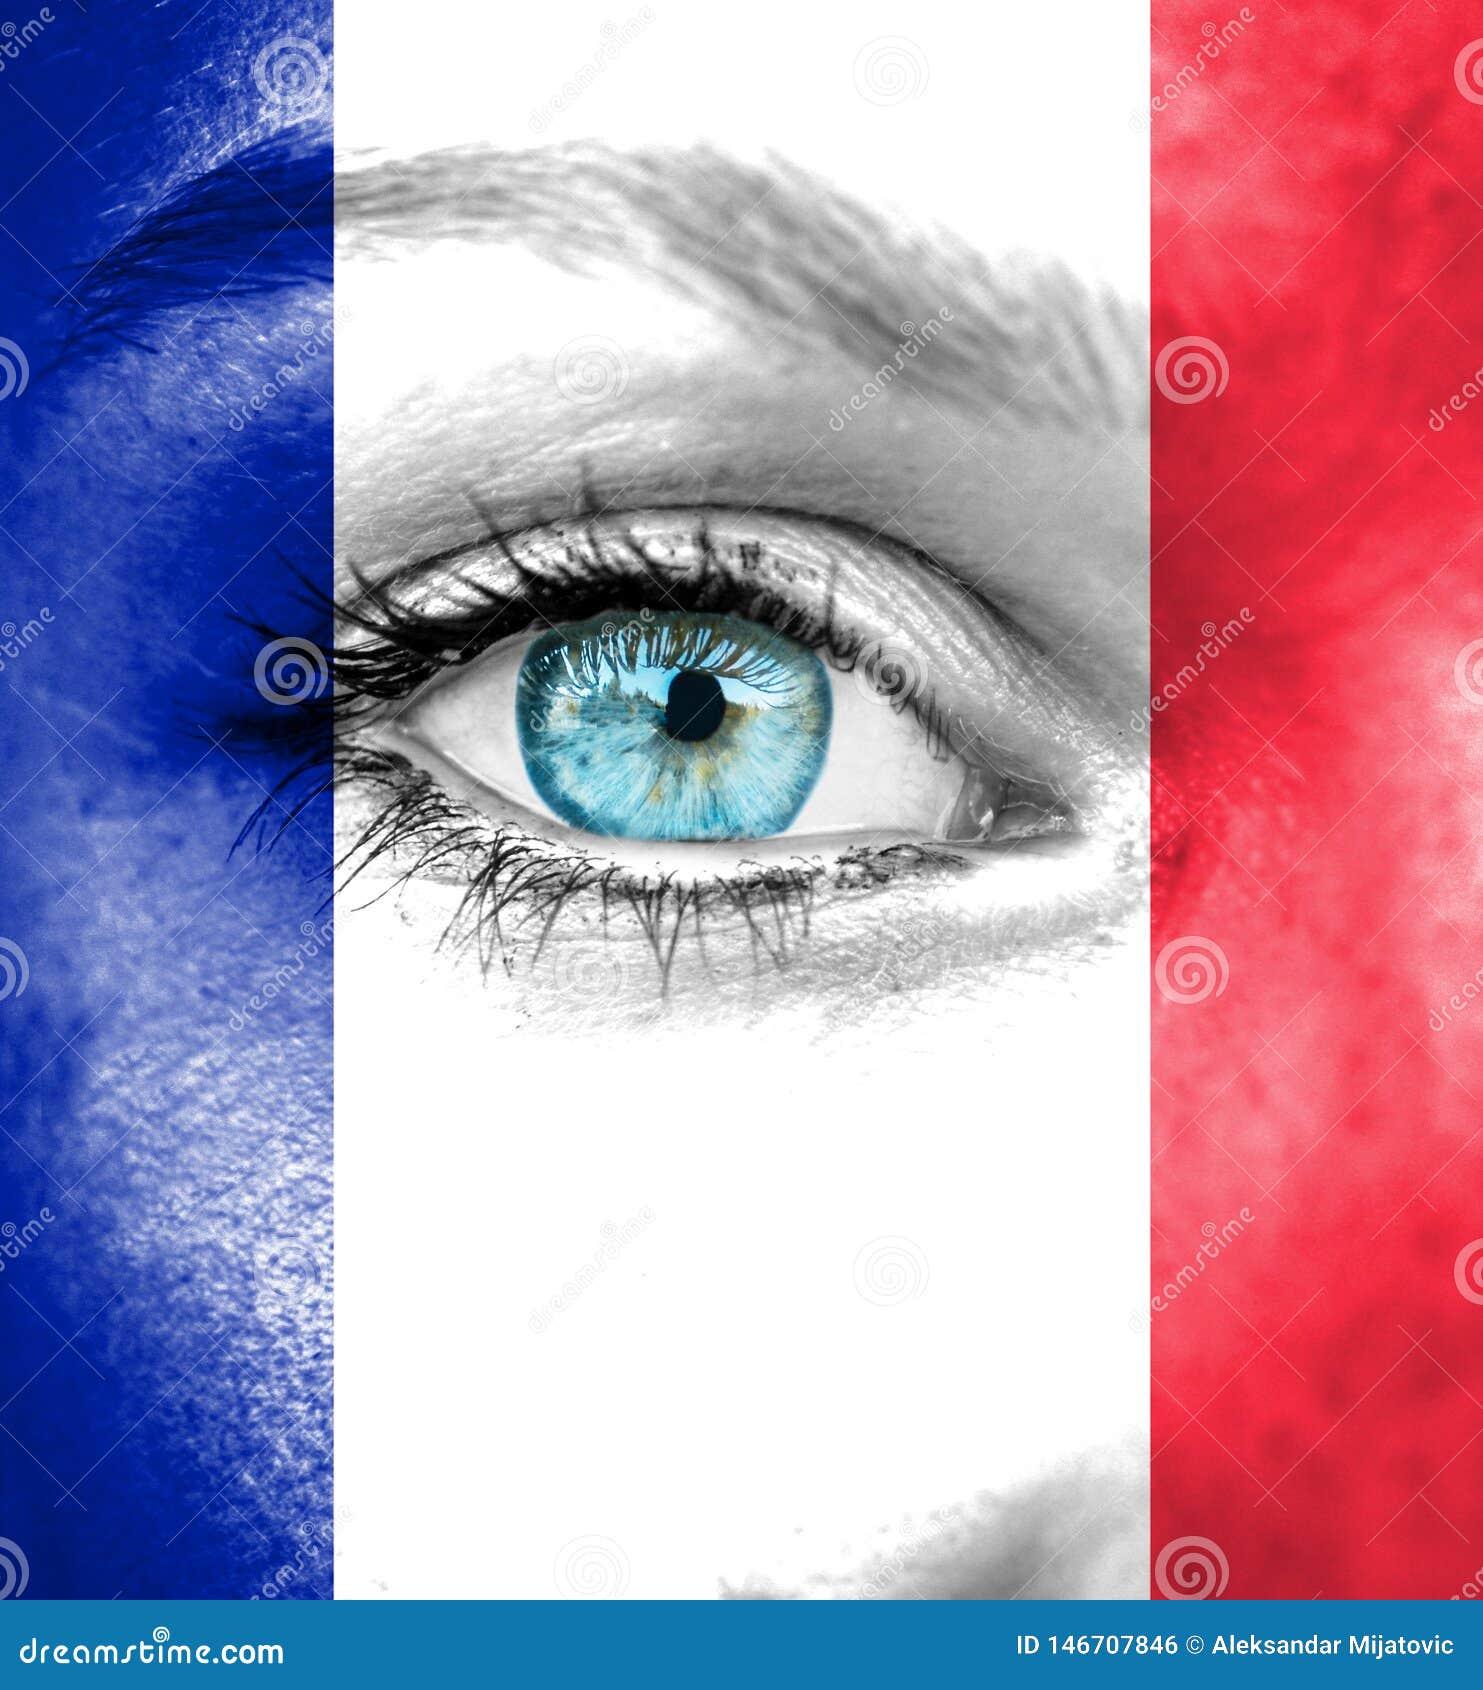 Πρόσωπο γυναικών που χρωματίζεται με τη σημαία της Γαλλίας